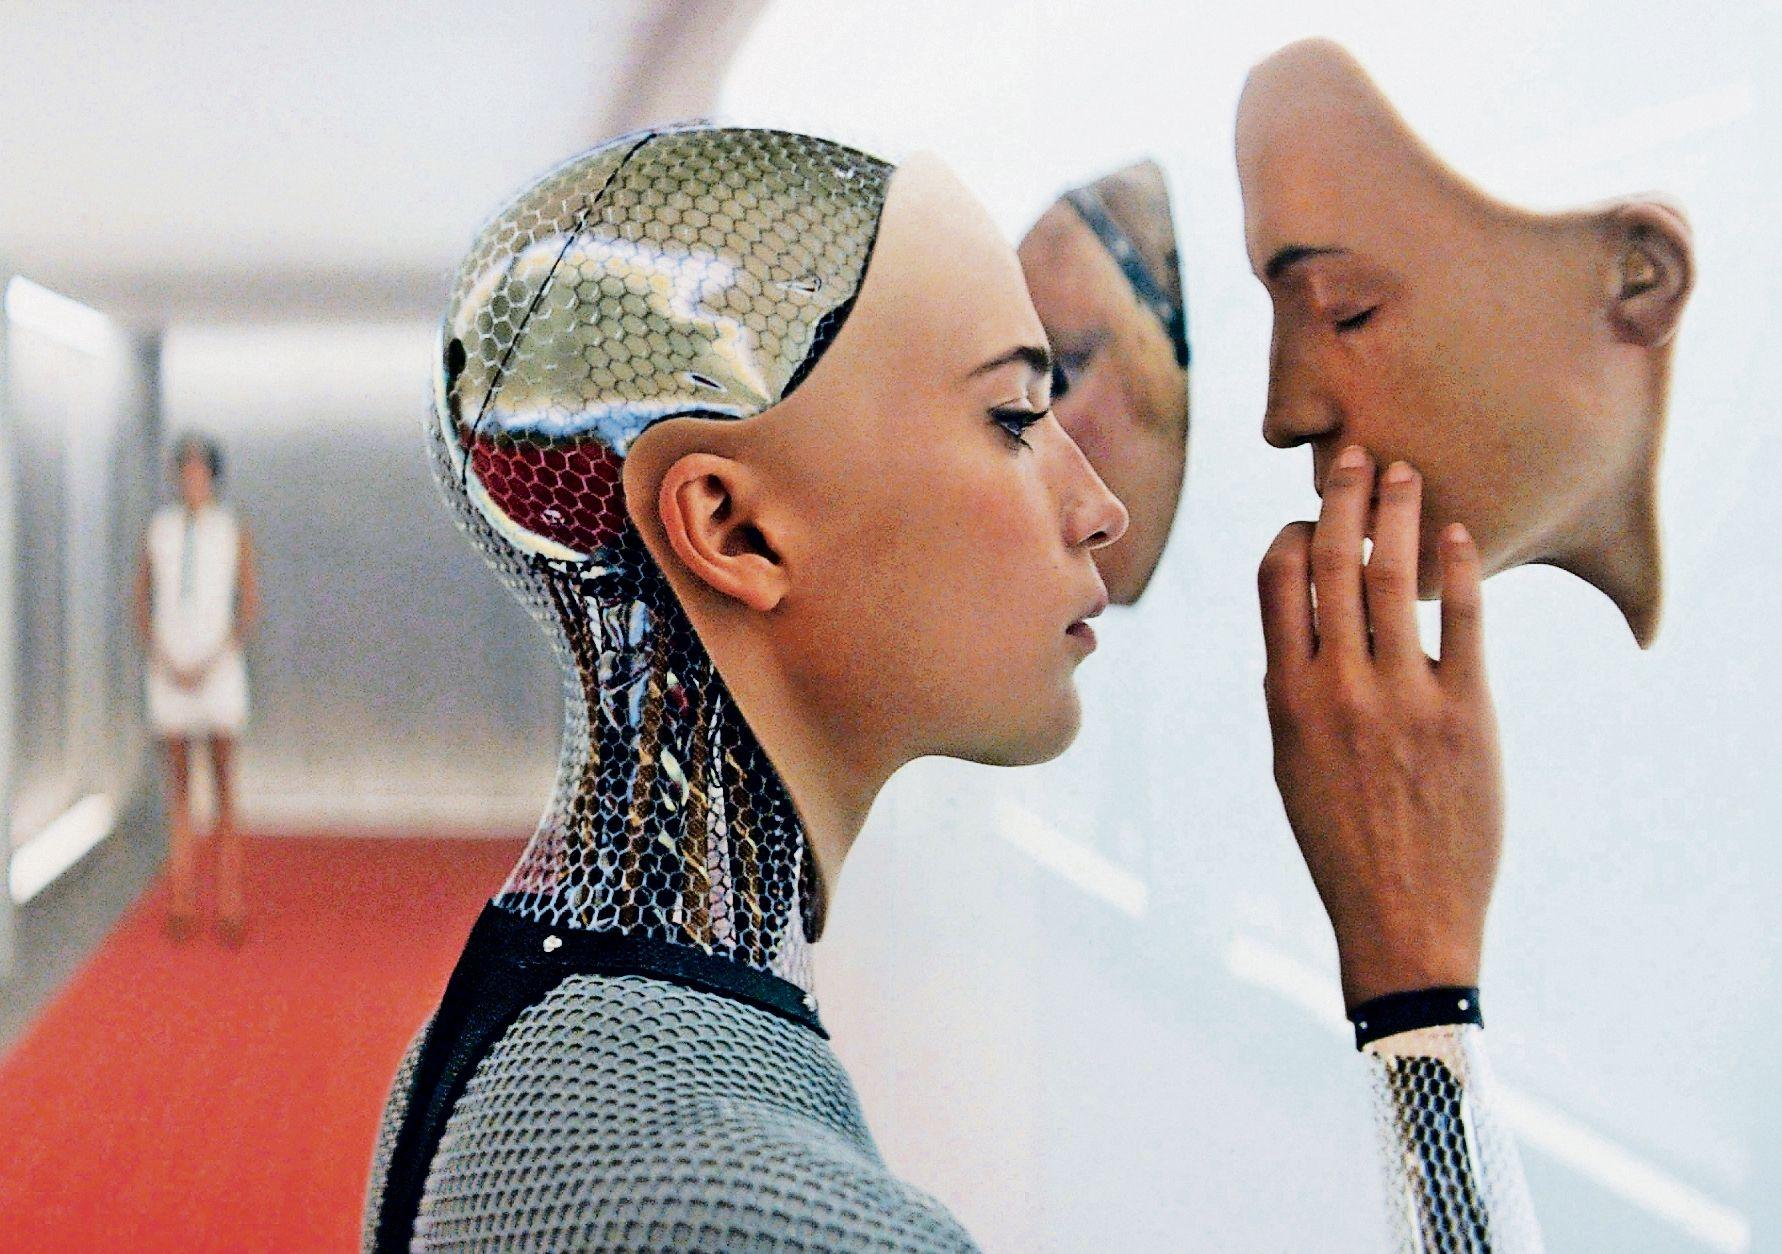 Love Machine.  Microsoft arbeitet an einer künstlichen Intelligenz, der Fans ihre Liebe erklären - Roboter werden menschlicher dank grossen Fortschritten in der Spracherkennung.    SonntagsZeitung, 27. März 2016